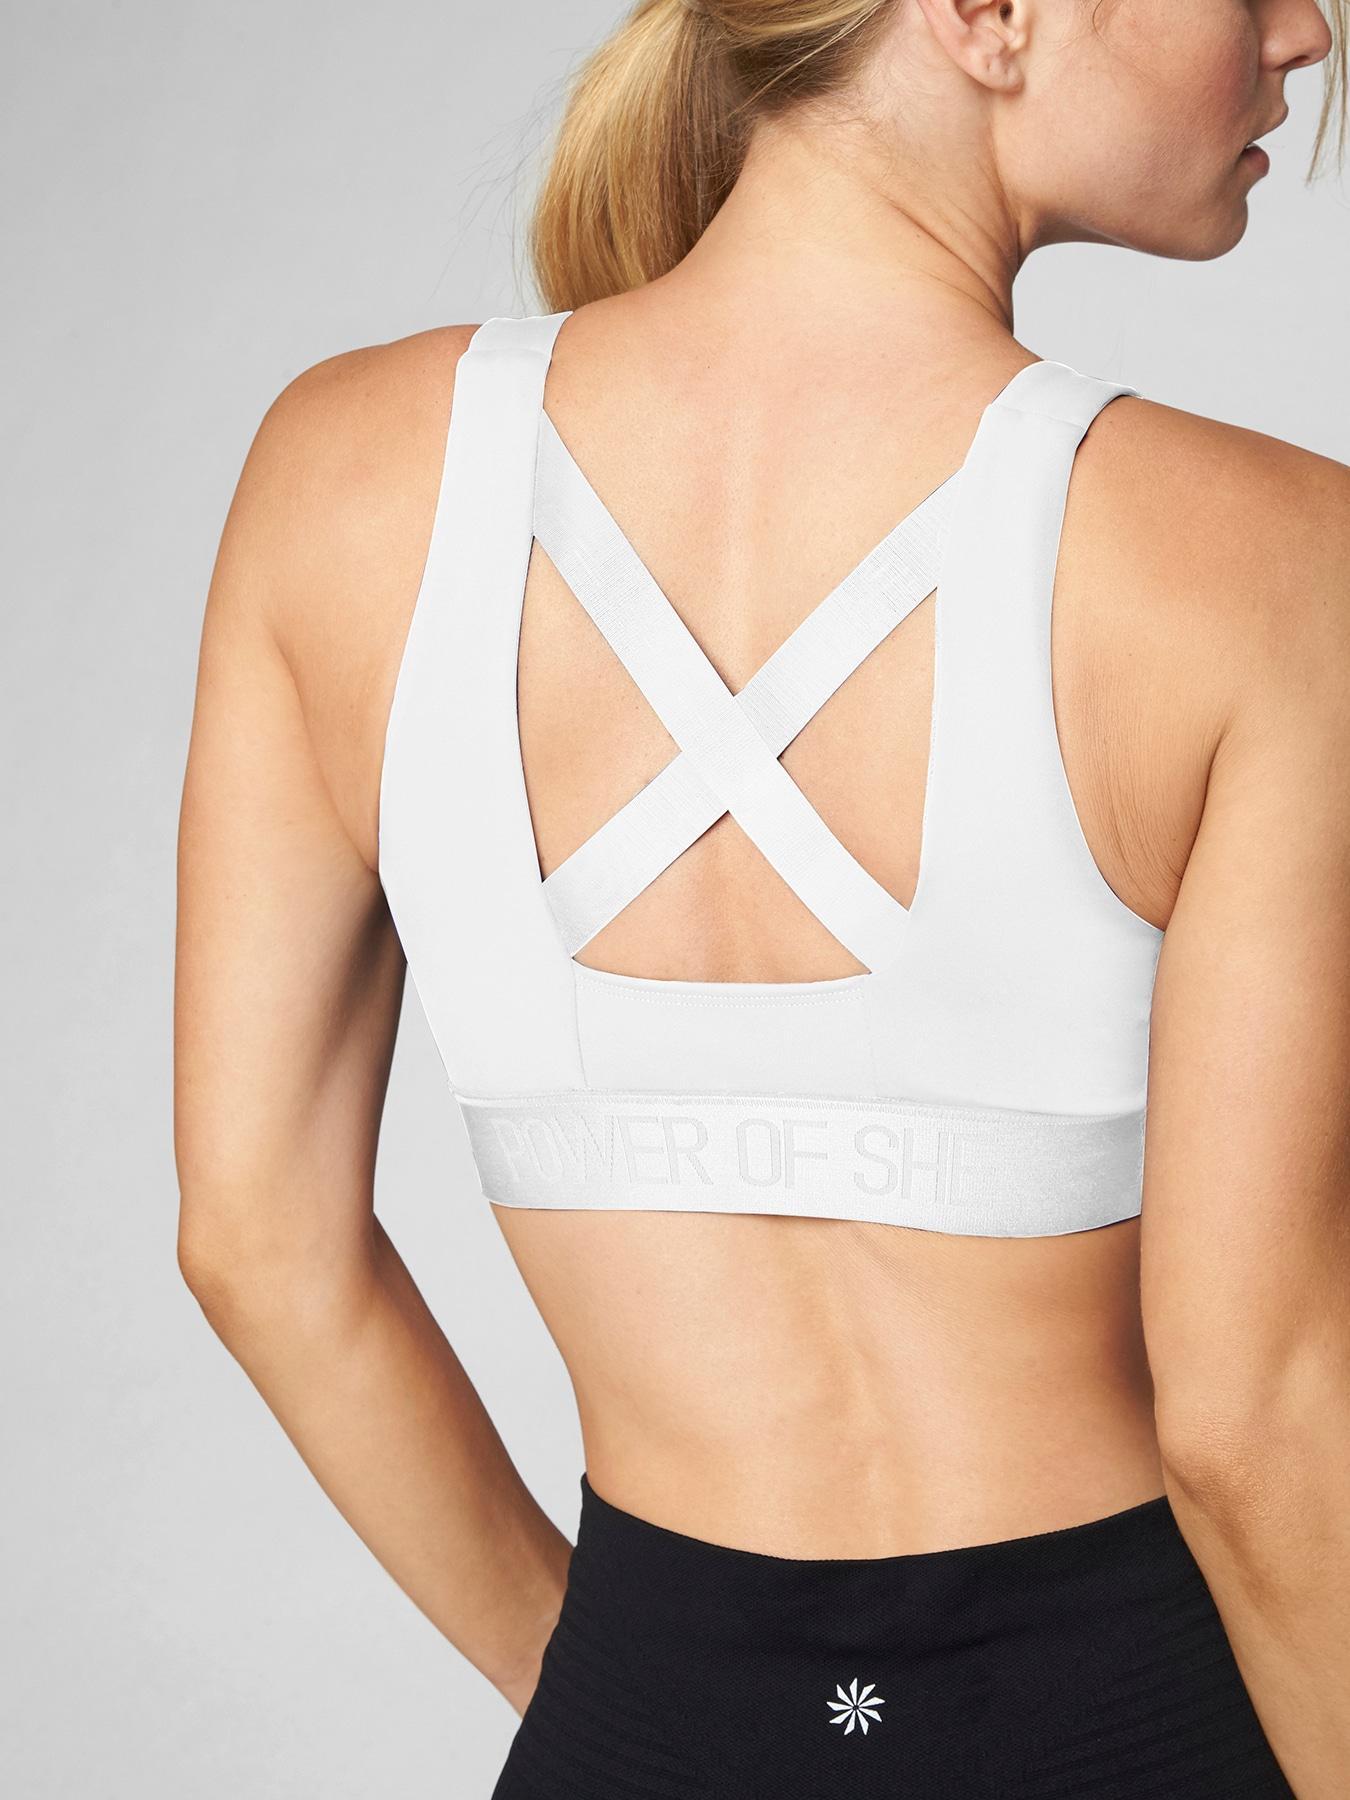 072765d8daa18 Lyst - Athleta Power Of She Bra in White